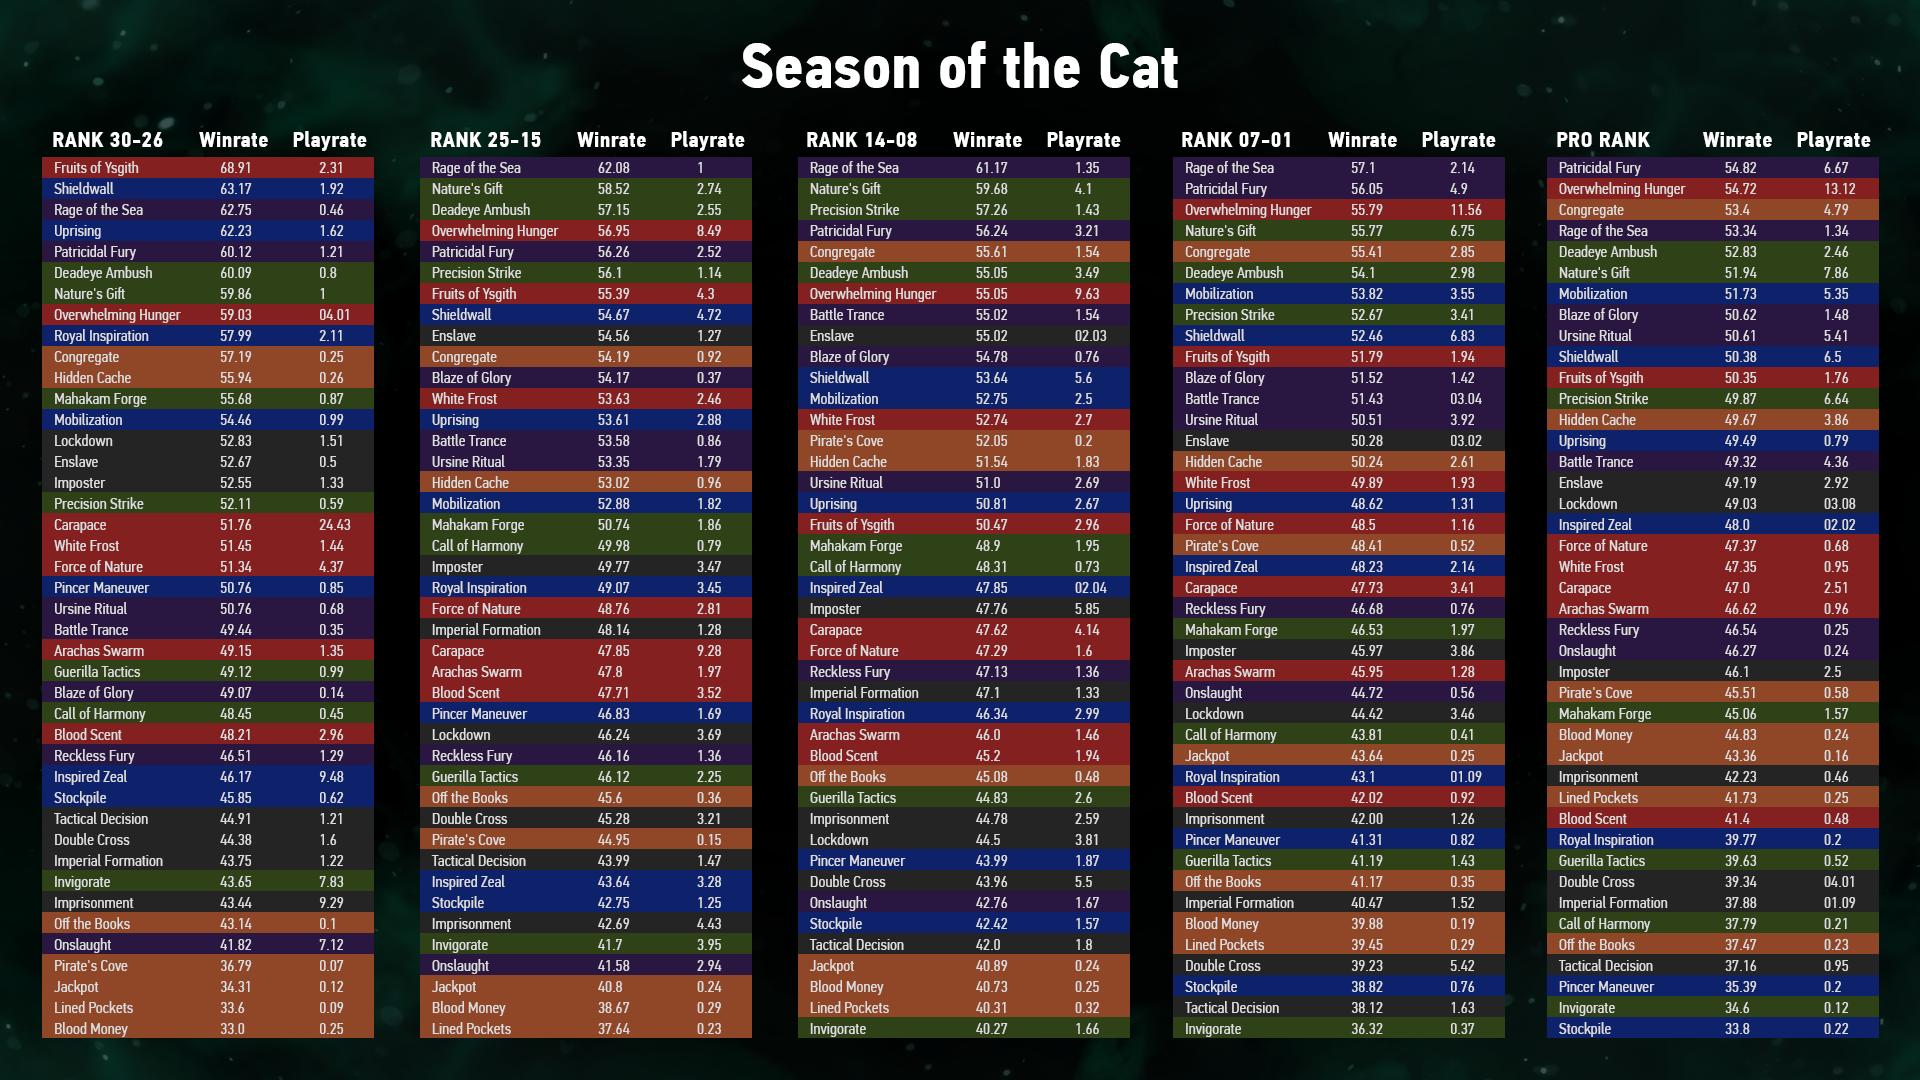 Season_Of_cat_data.png